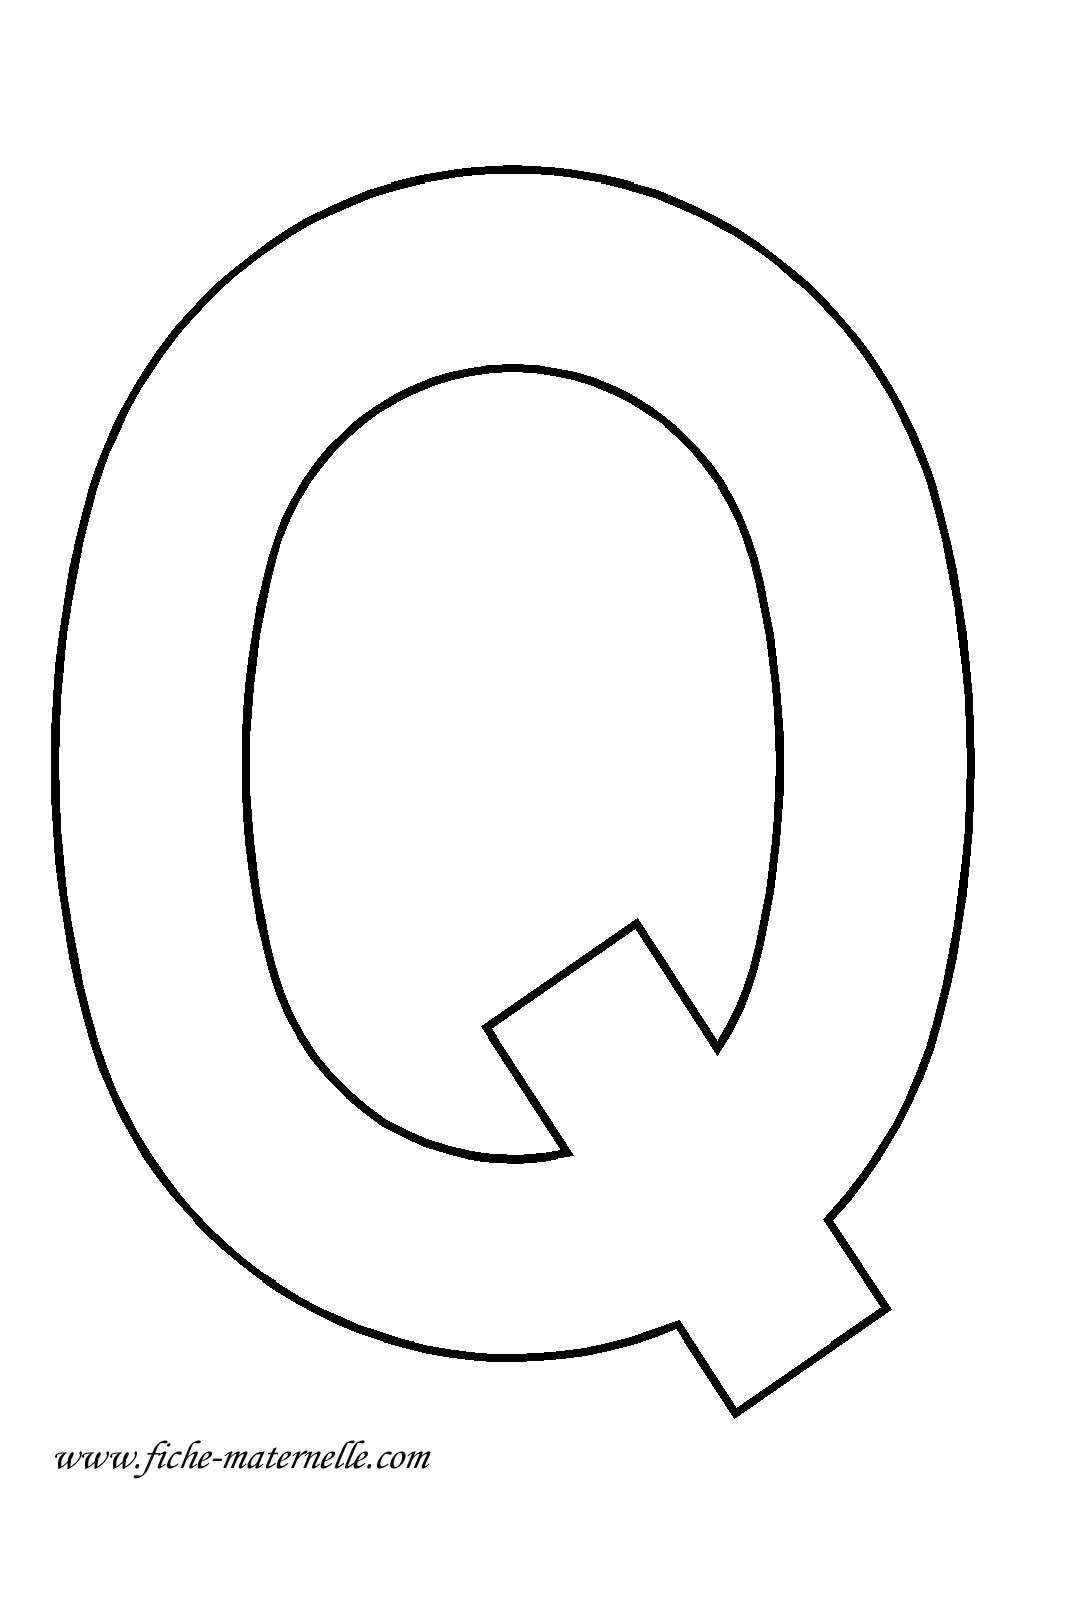 lettre q La lettre Q   Amoilesserps.com lettre q